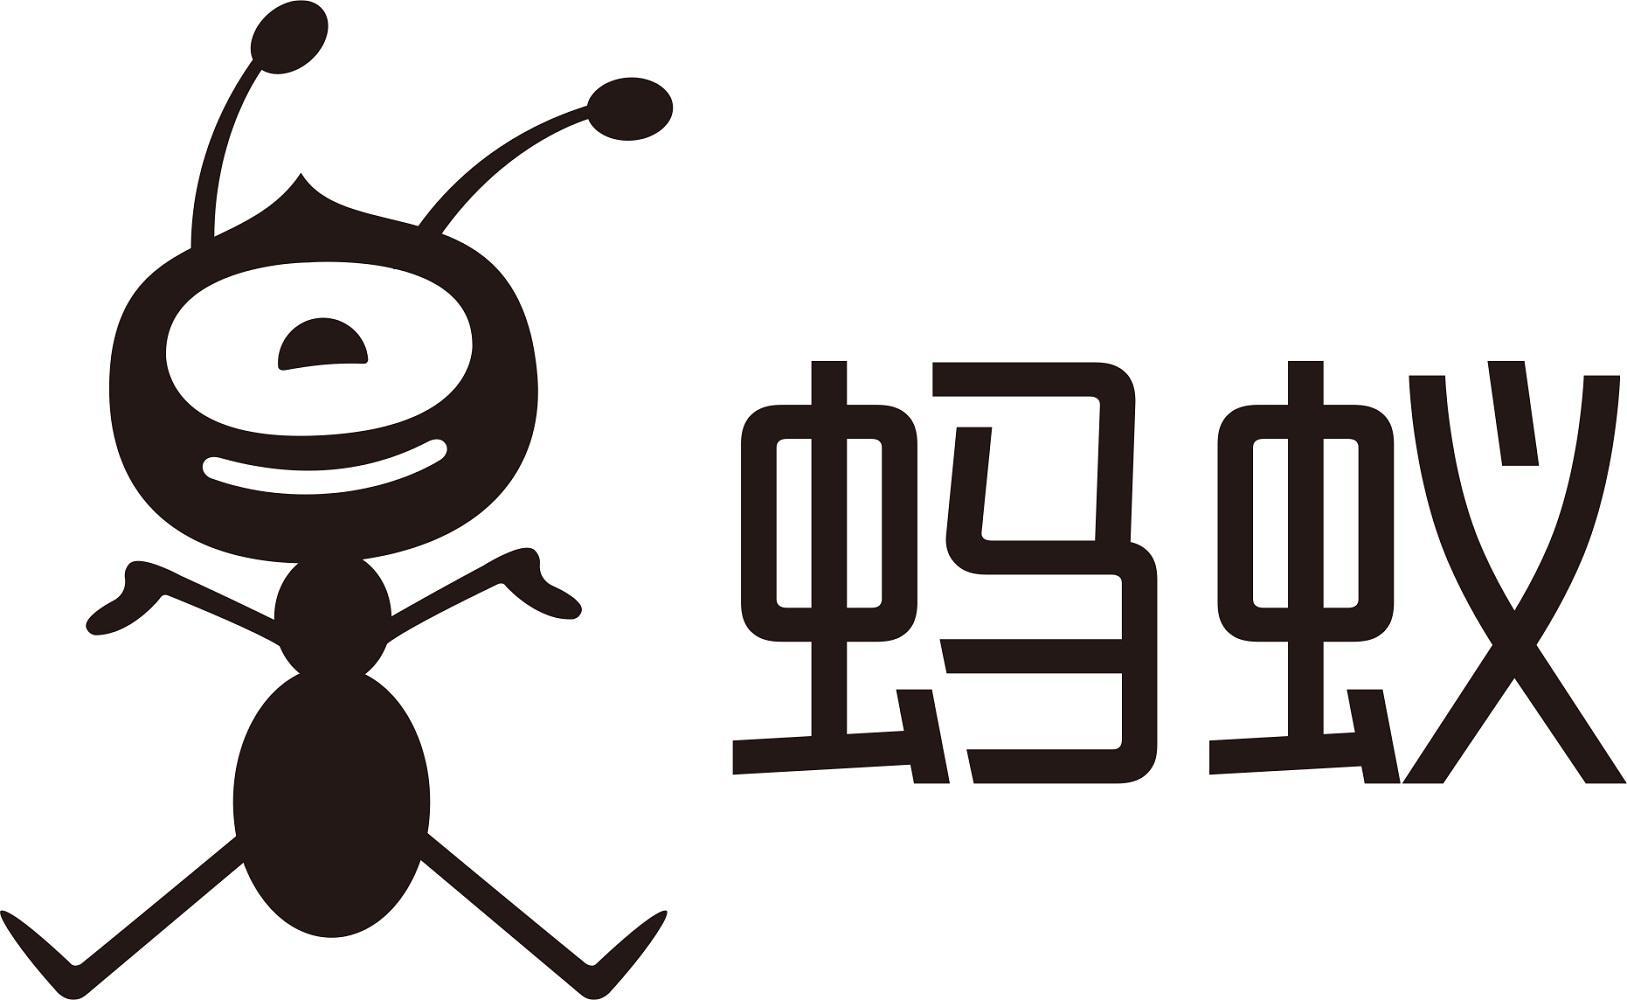 蚂蚁 商标公告